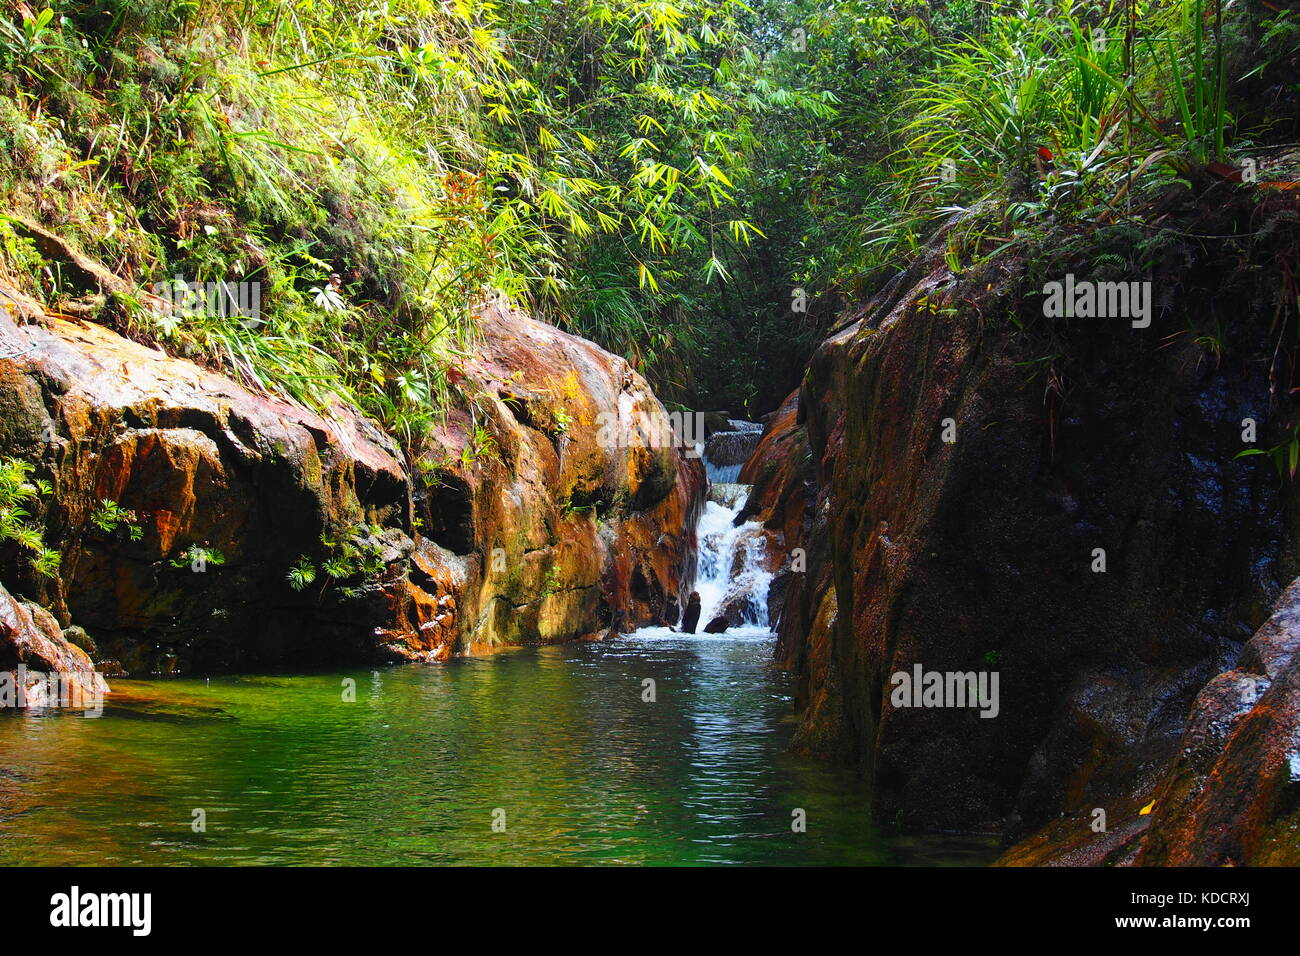 Small falls in tropical rainforest, Chemerong Berembun Langsir, CBL, malaysia - Stock Image